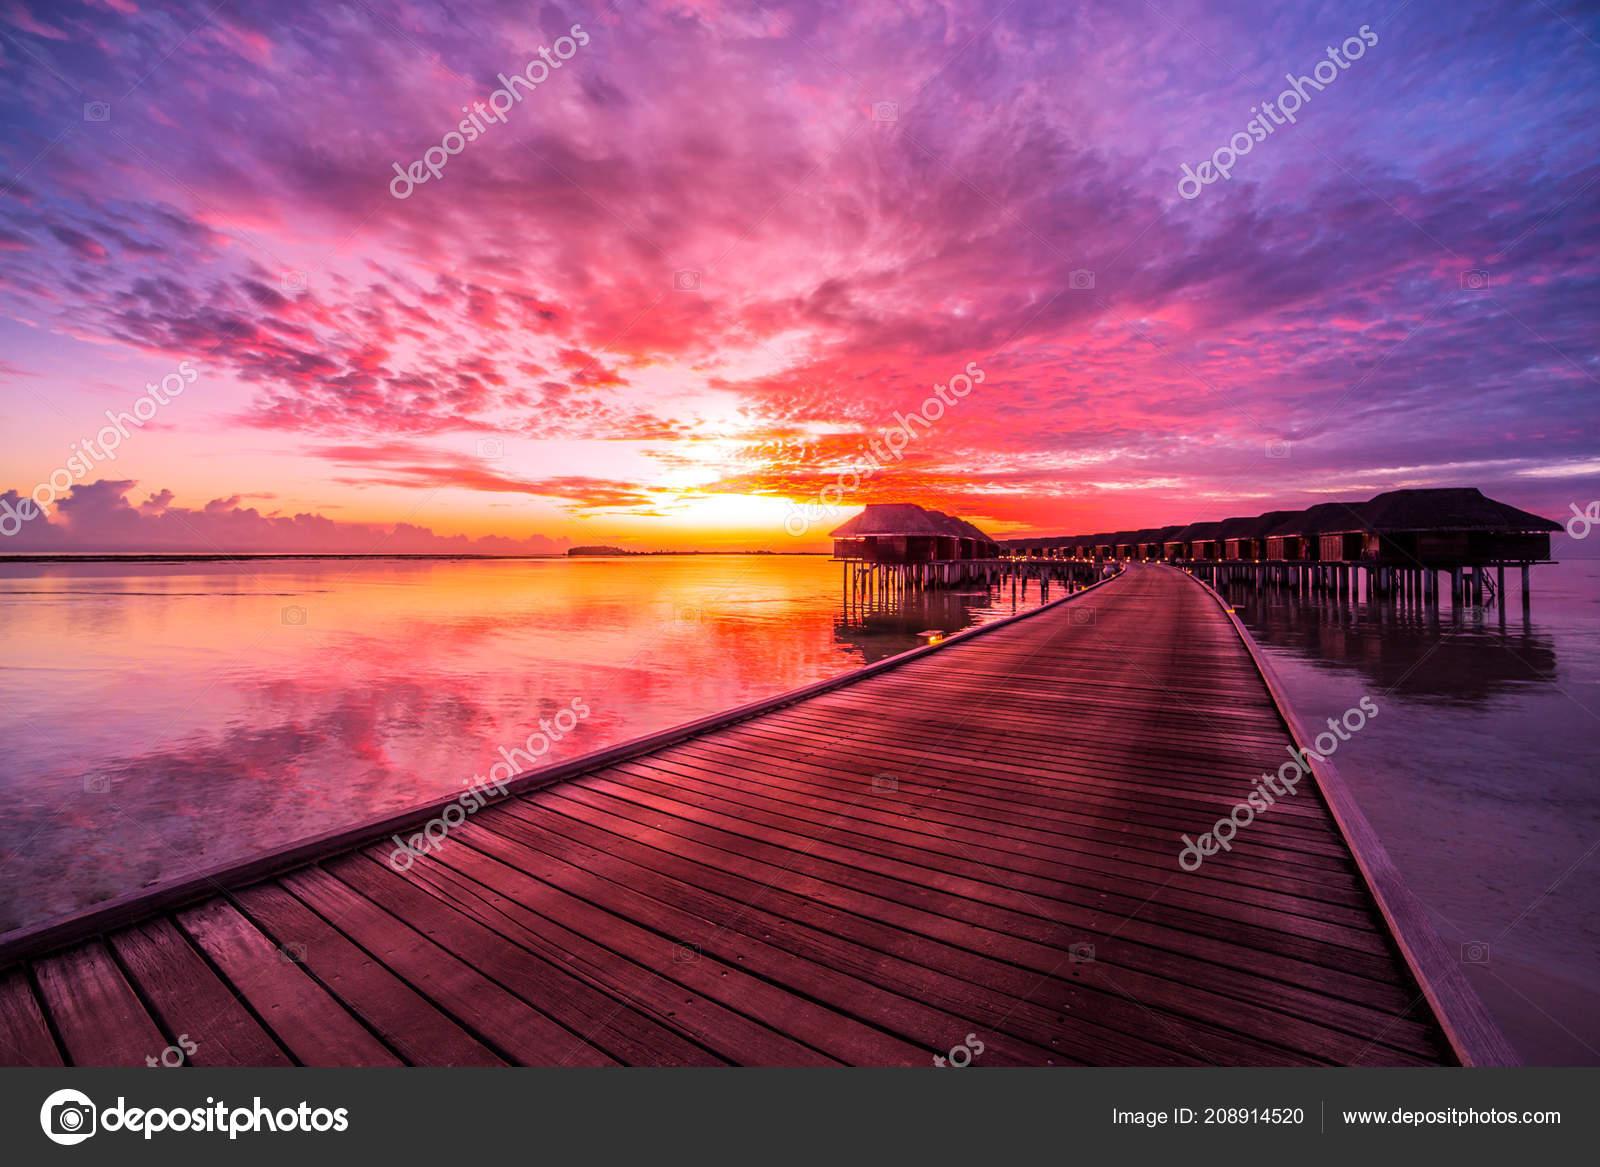 Sunset Maldives Island Luxury Water Villas Resort Wooden Pier